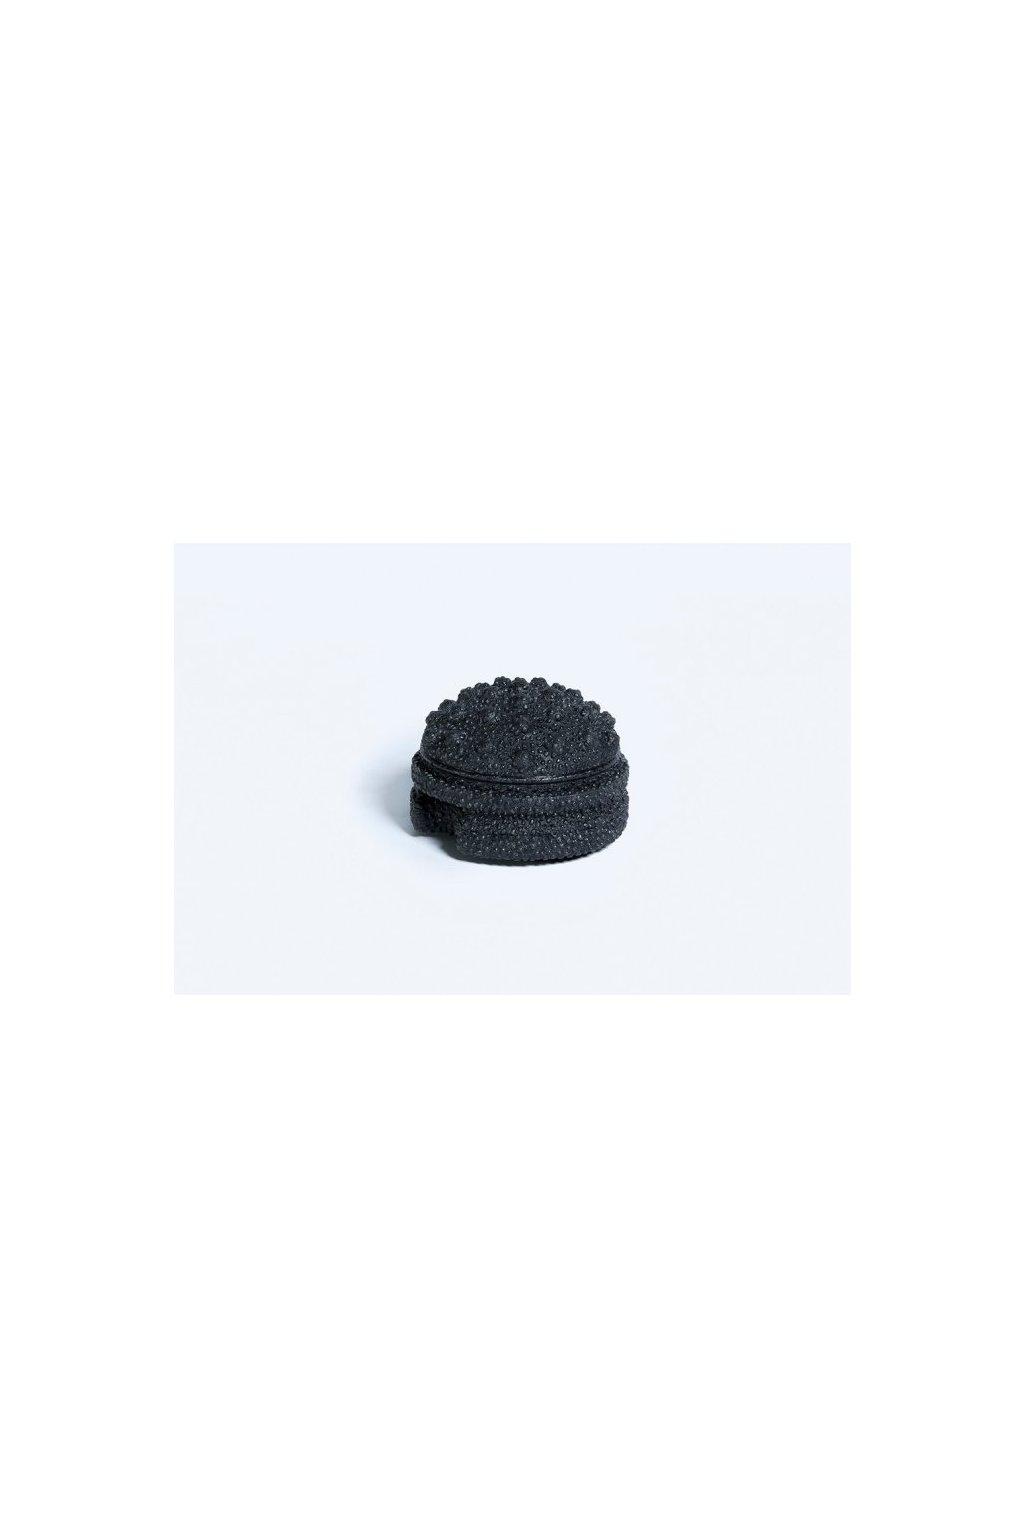 1090 2 blackroll twister(1)